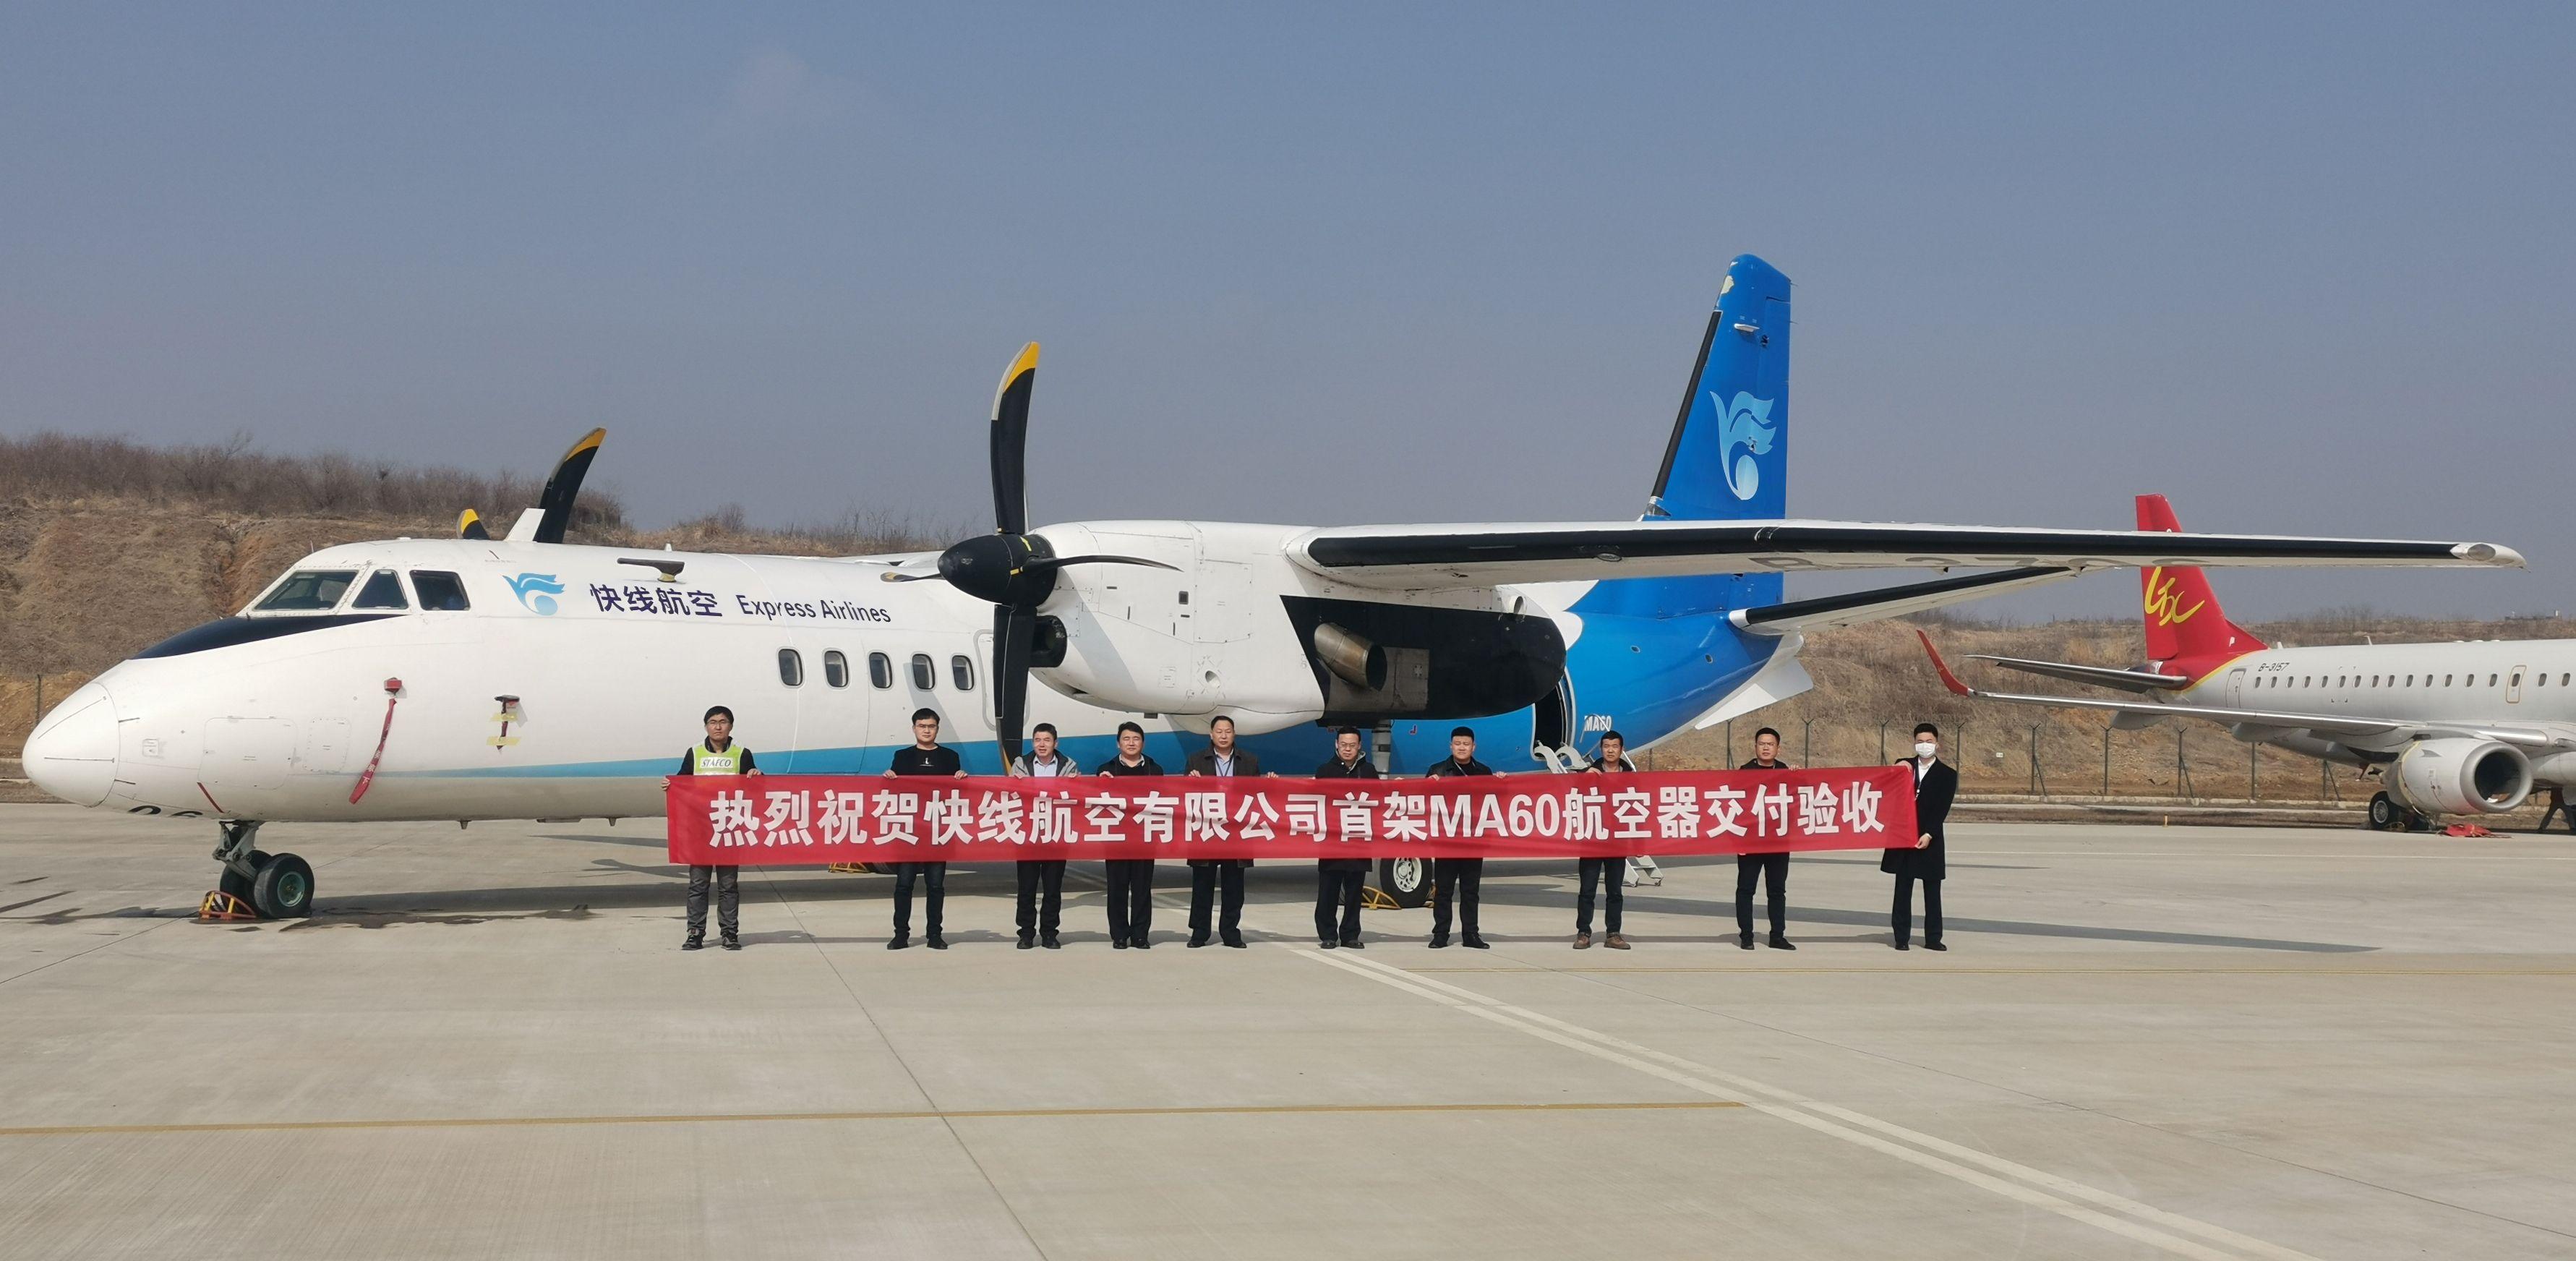 湖南本土航司快線航空引進國產支線客機 成國內第二傢載客新舟用戶